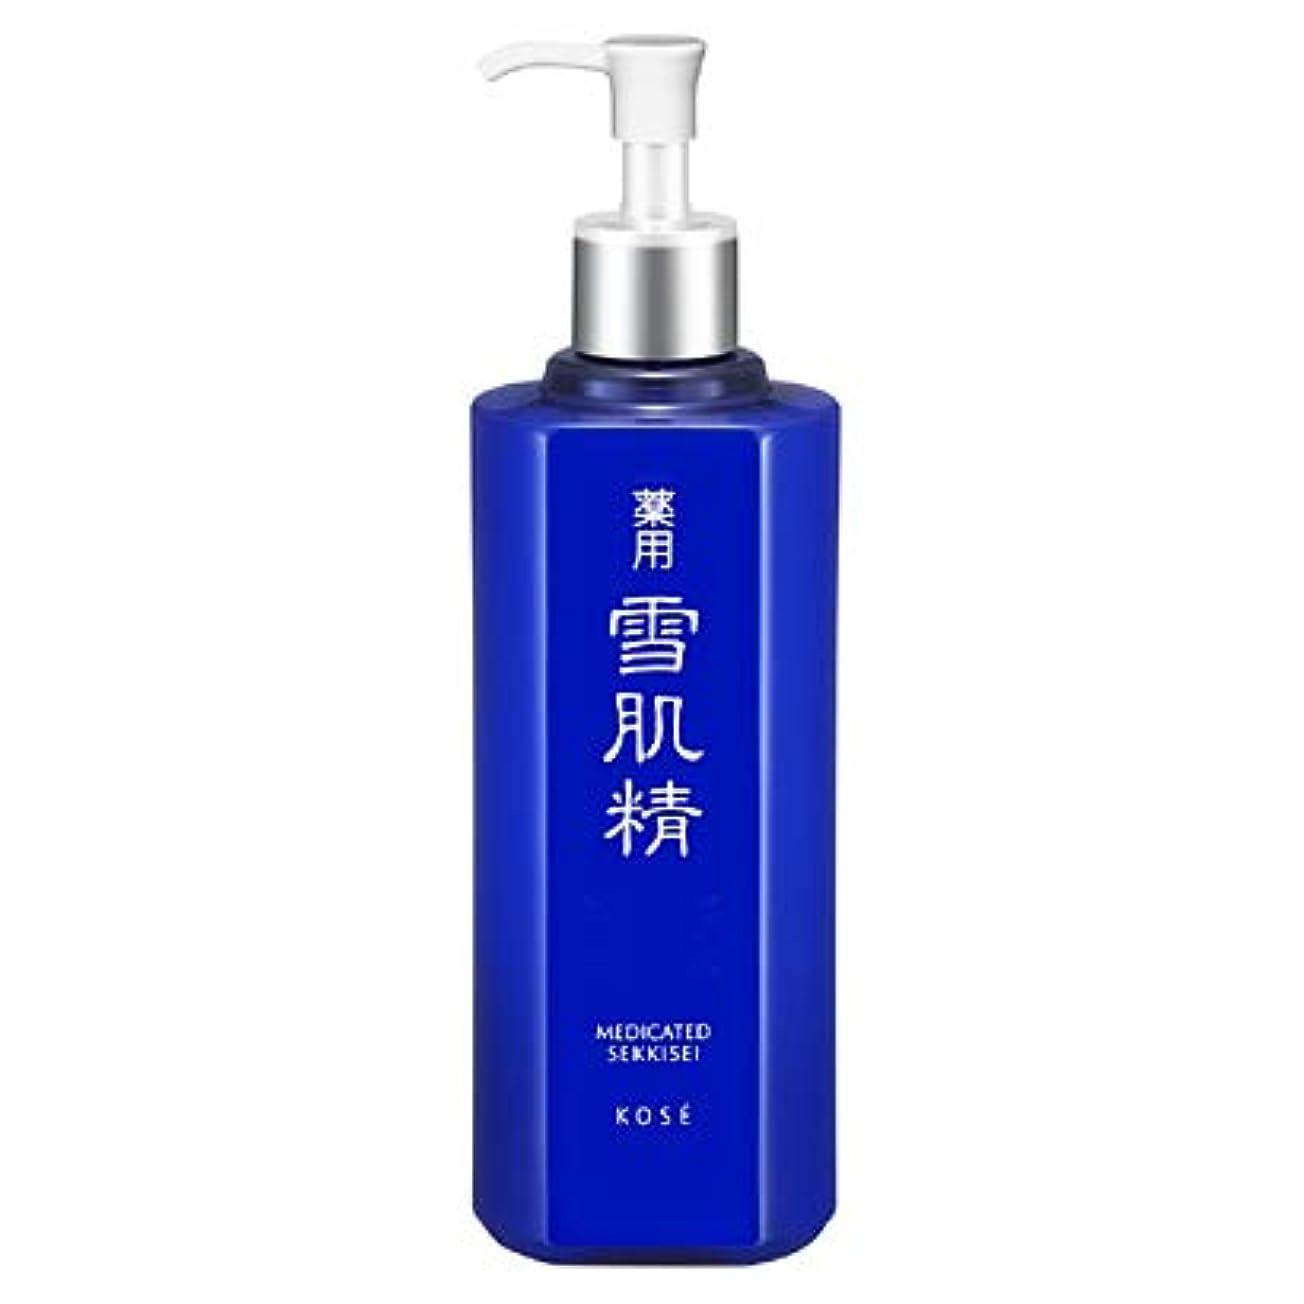 温帯増強する硬さKOSE コーセー 薬用 雪肌精 エンリッチ 500ml ディスペンサー付ボトル 限定